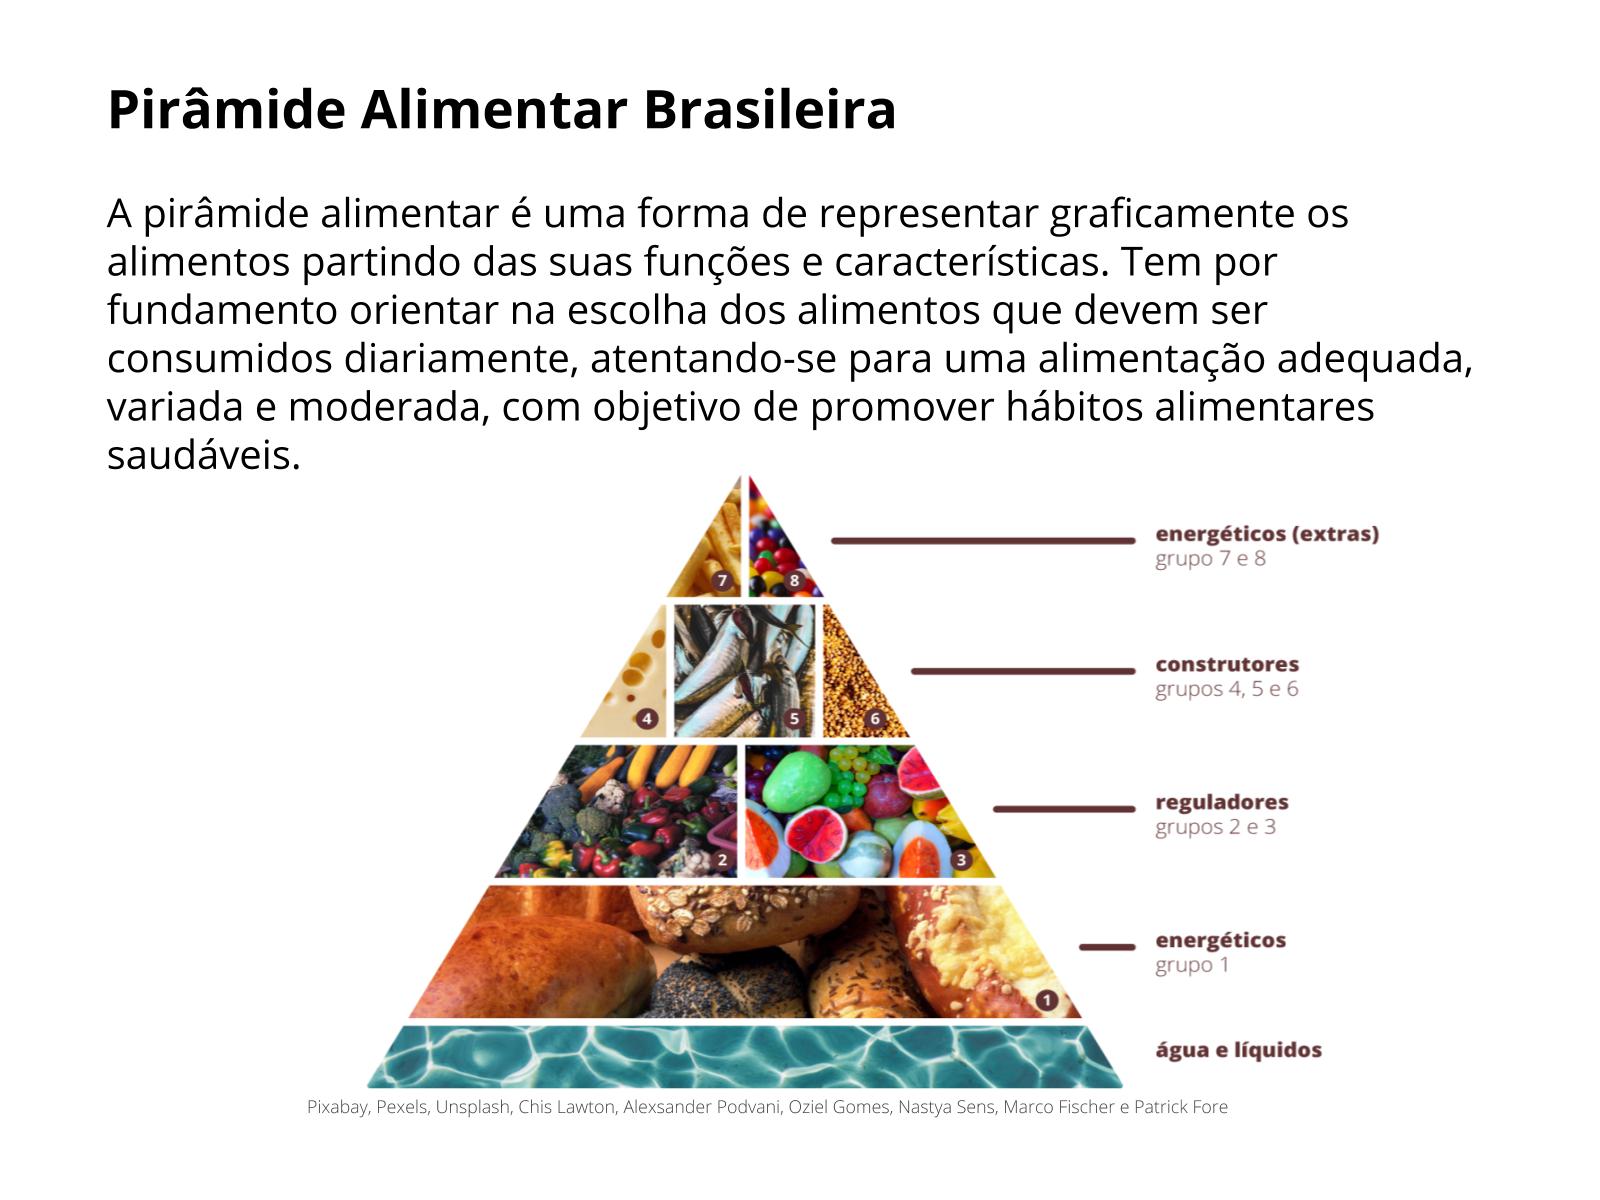 Pirâmide alimentar: alimentação equilibrada e saudável